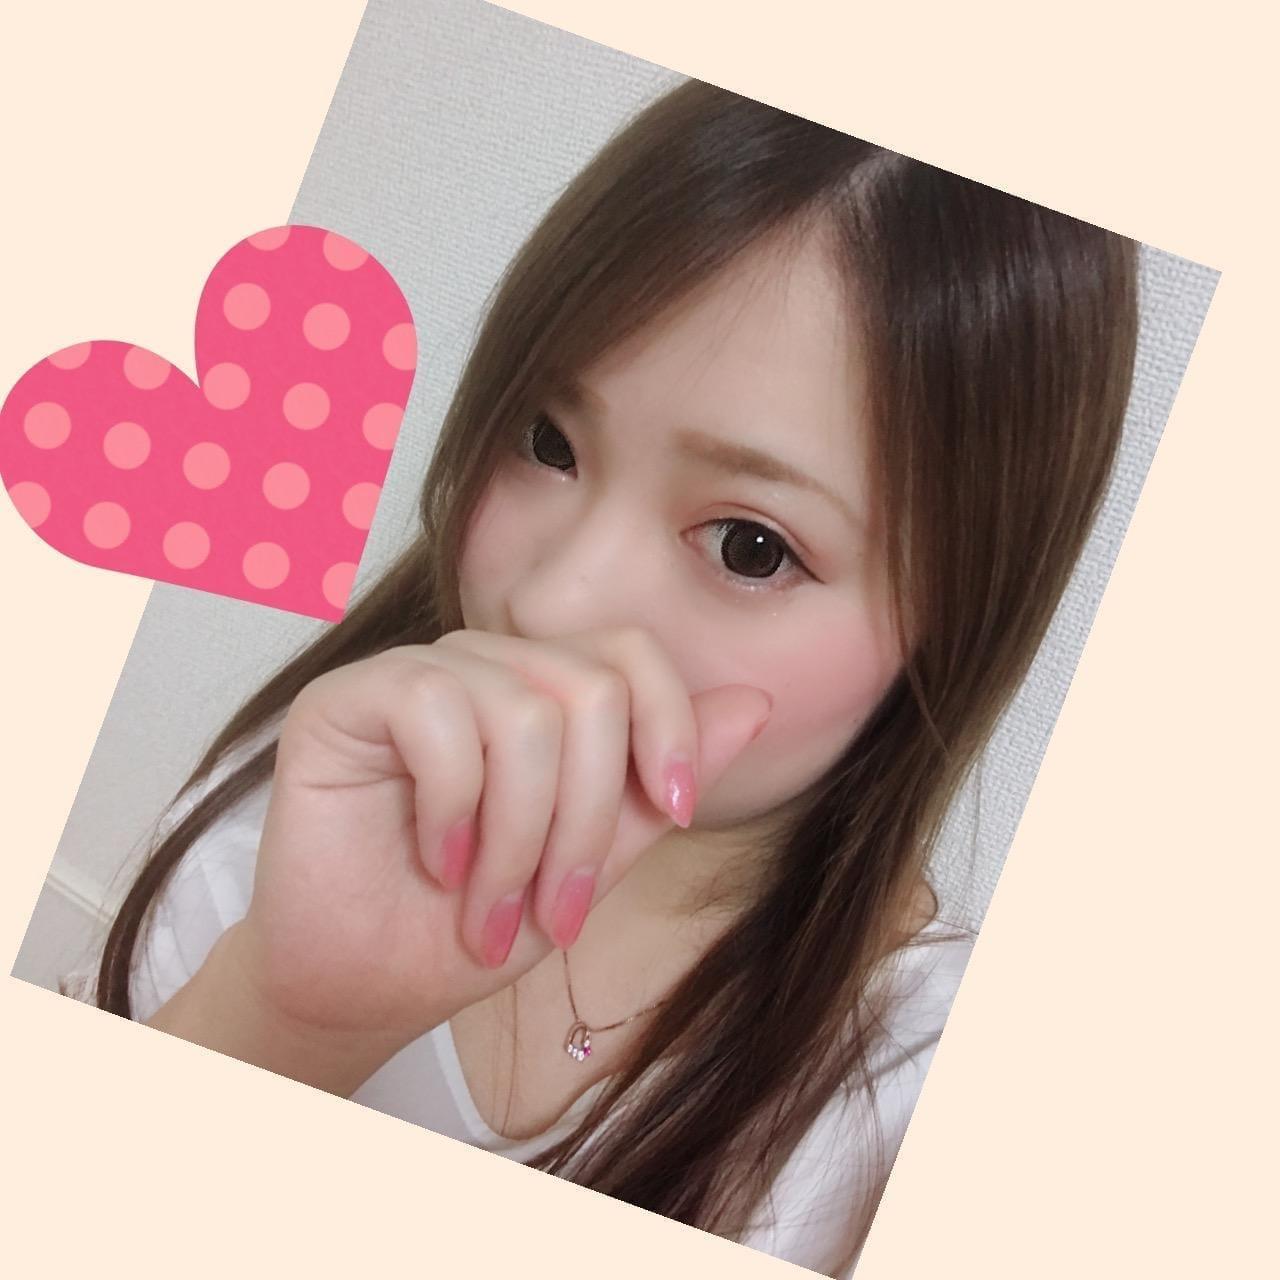 さゆり「2日目(´ー`)♡」05/21(月) 19:55 | さゆりの写メ・風俗動画